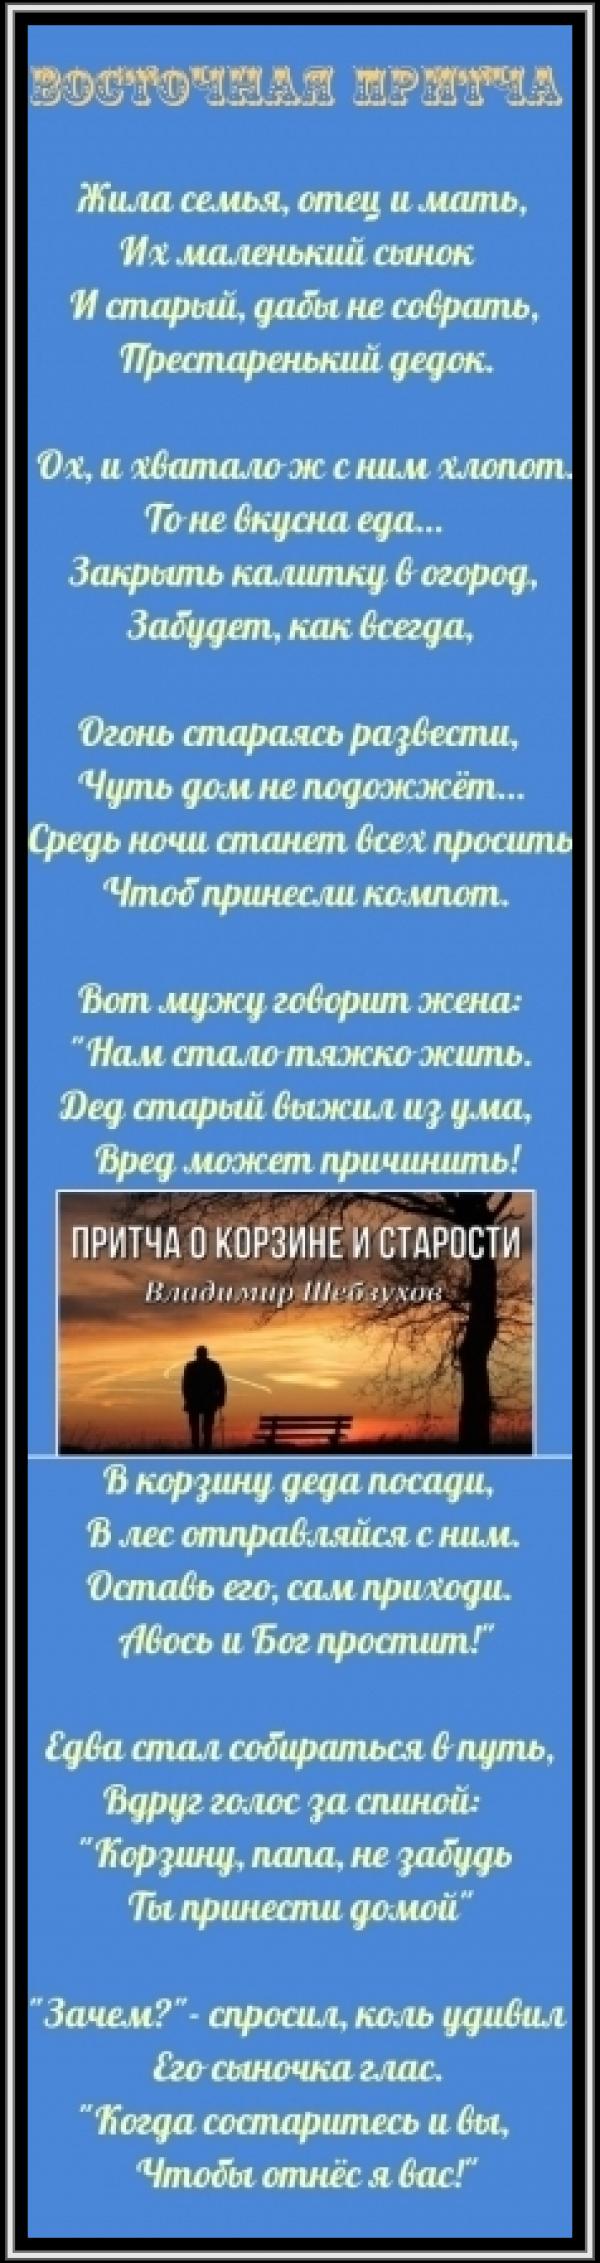 Владимир Шебзухов Притчи  - Страница 51 D984f01cd49cd28ffcd34e9443702889